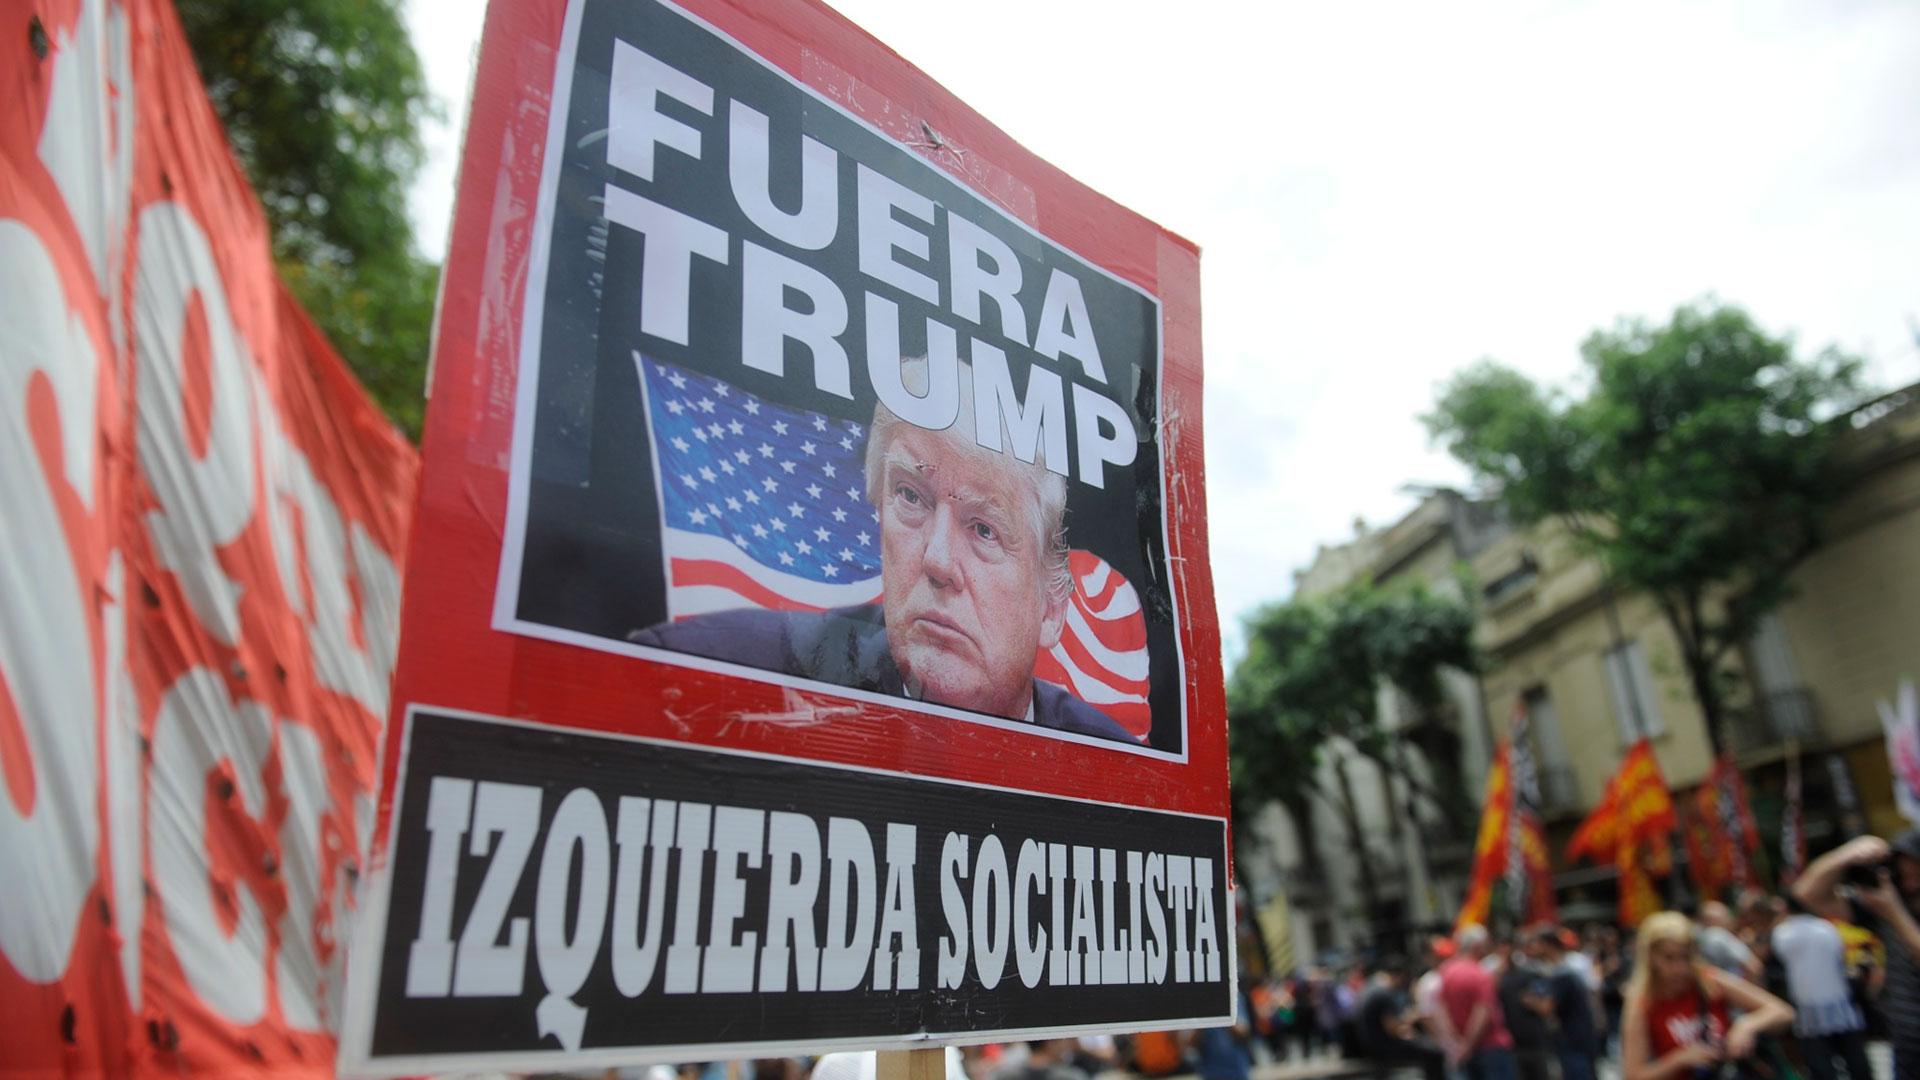 Las agrupaciones de izquierda repudiaron la presencia del presidente de Estados Unidos, Donald Trump